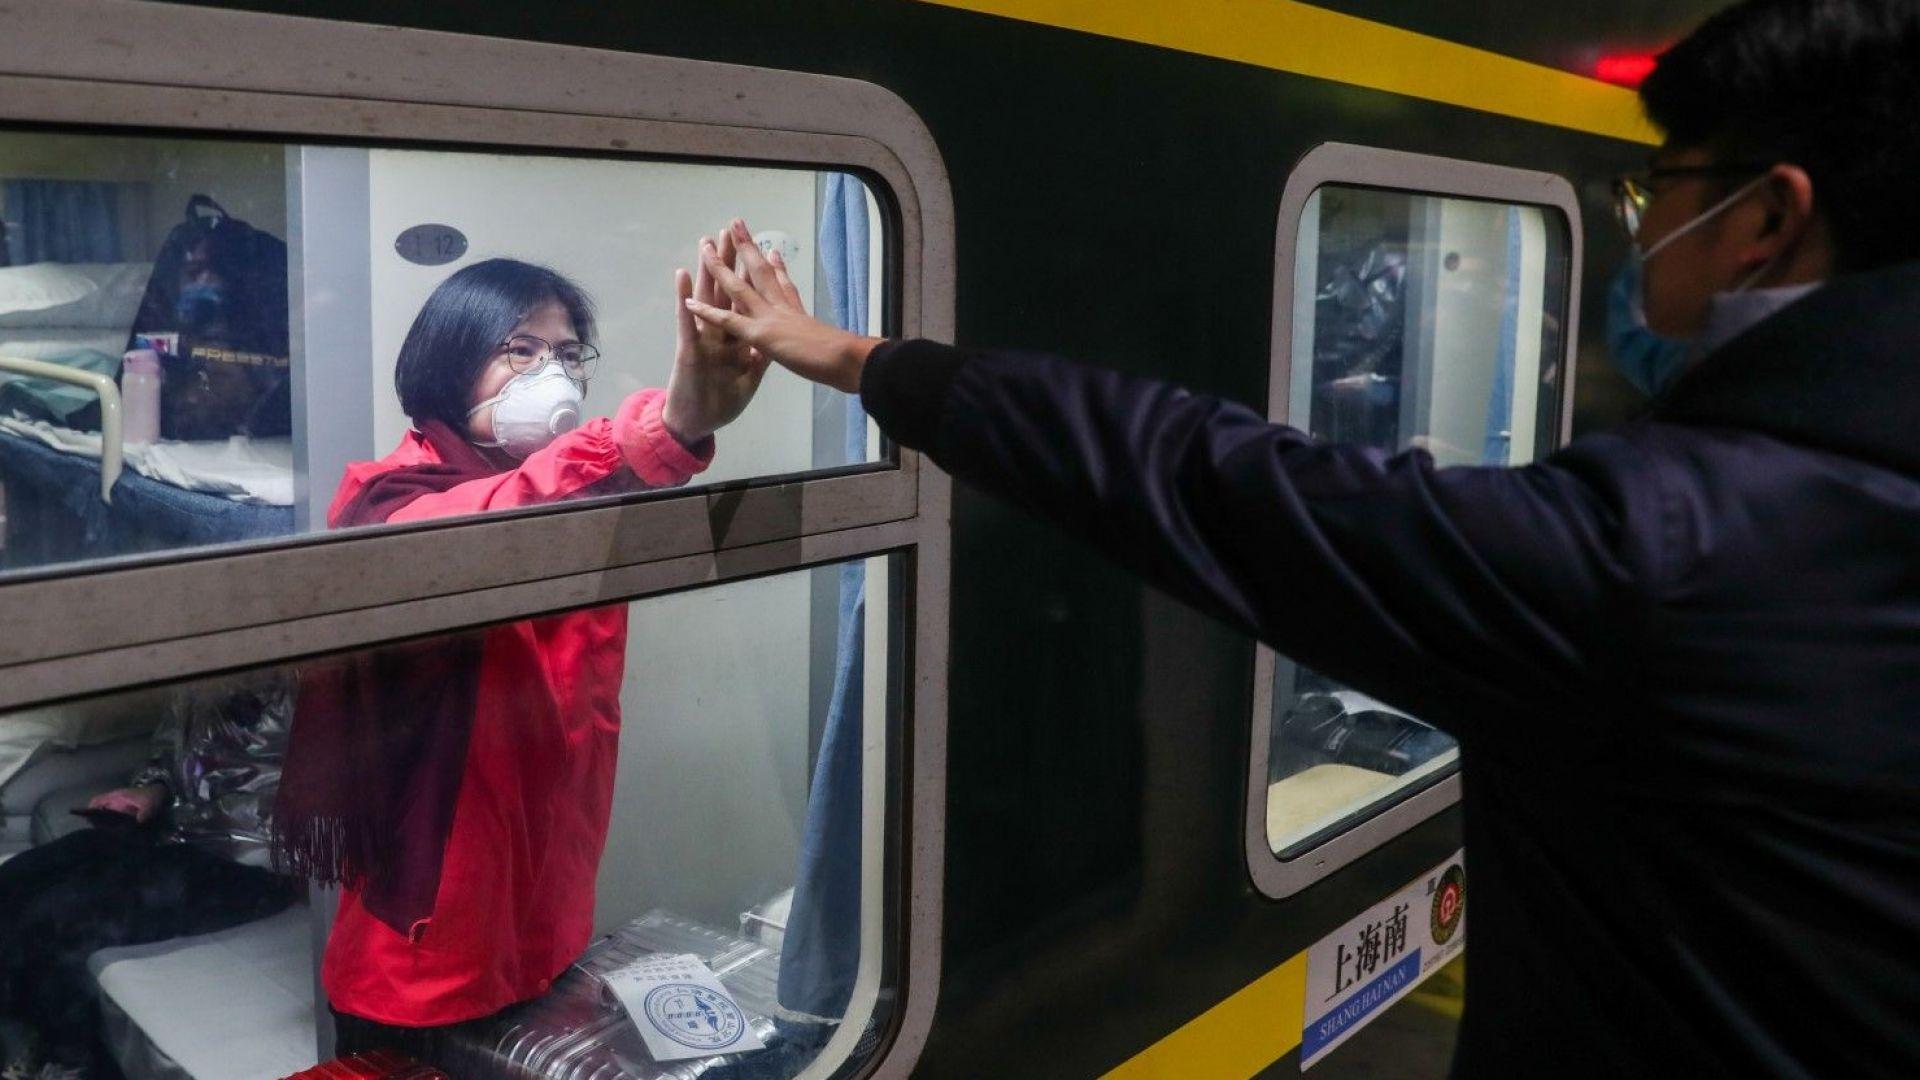 Започна масова евакуация от Китай: Българи искат ЕС да ги изтегли от опасната зона